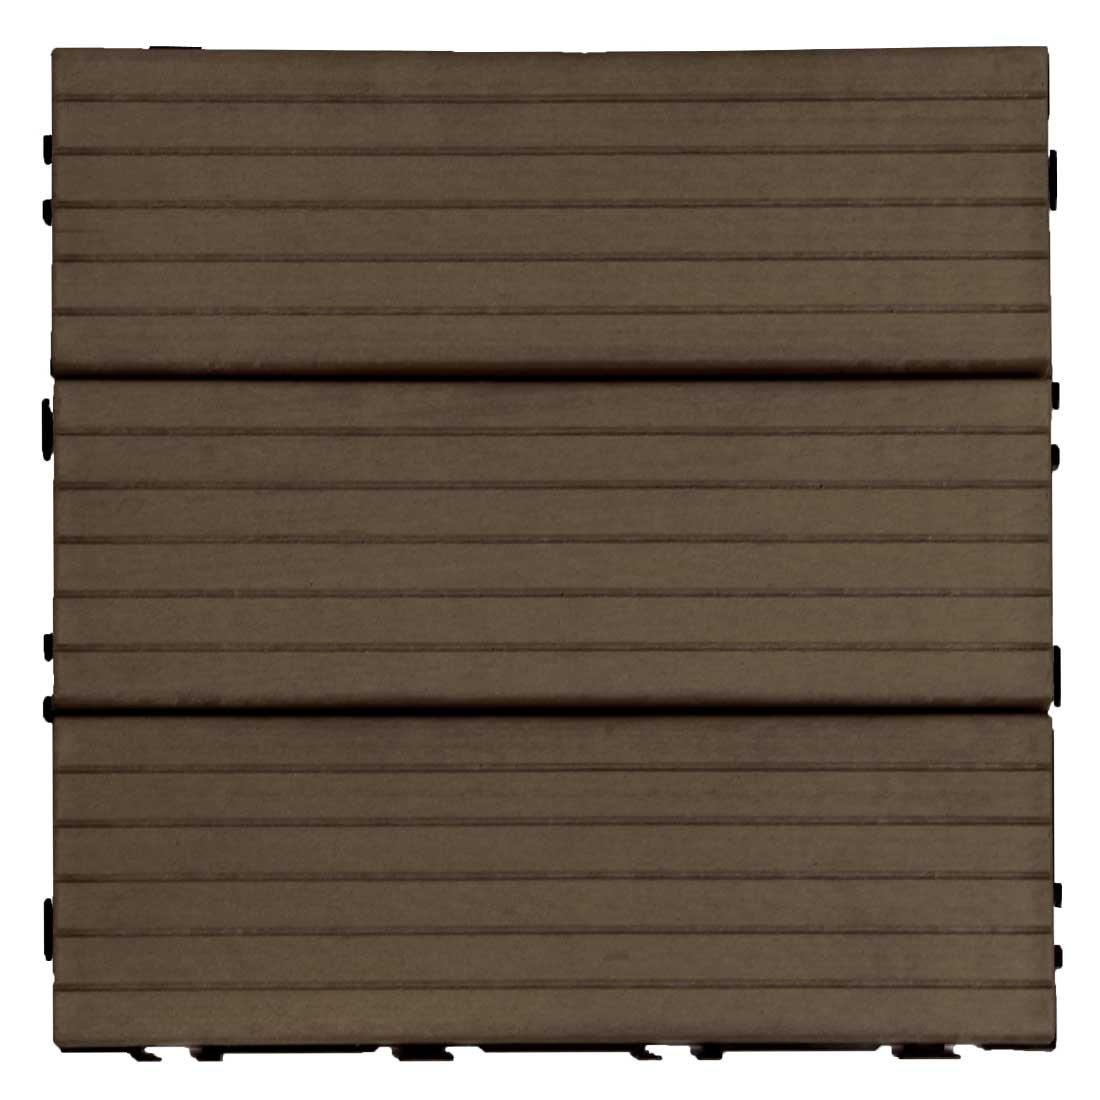 タンスのゲン ウッドパネル 樹脂 27枚セット 2.4平米用 ジョイント式 30×30cm 正方形 Bタイプ:ブラウン AM000086 07 B06ZYW2952 29500 27枚セット ブラウン(Bタイプ) ブラウン(Bタイプ) 27枚セット